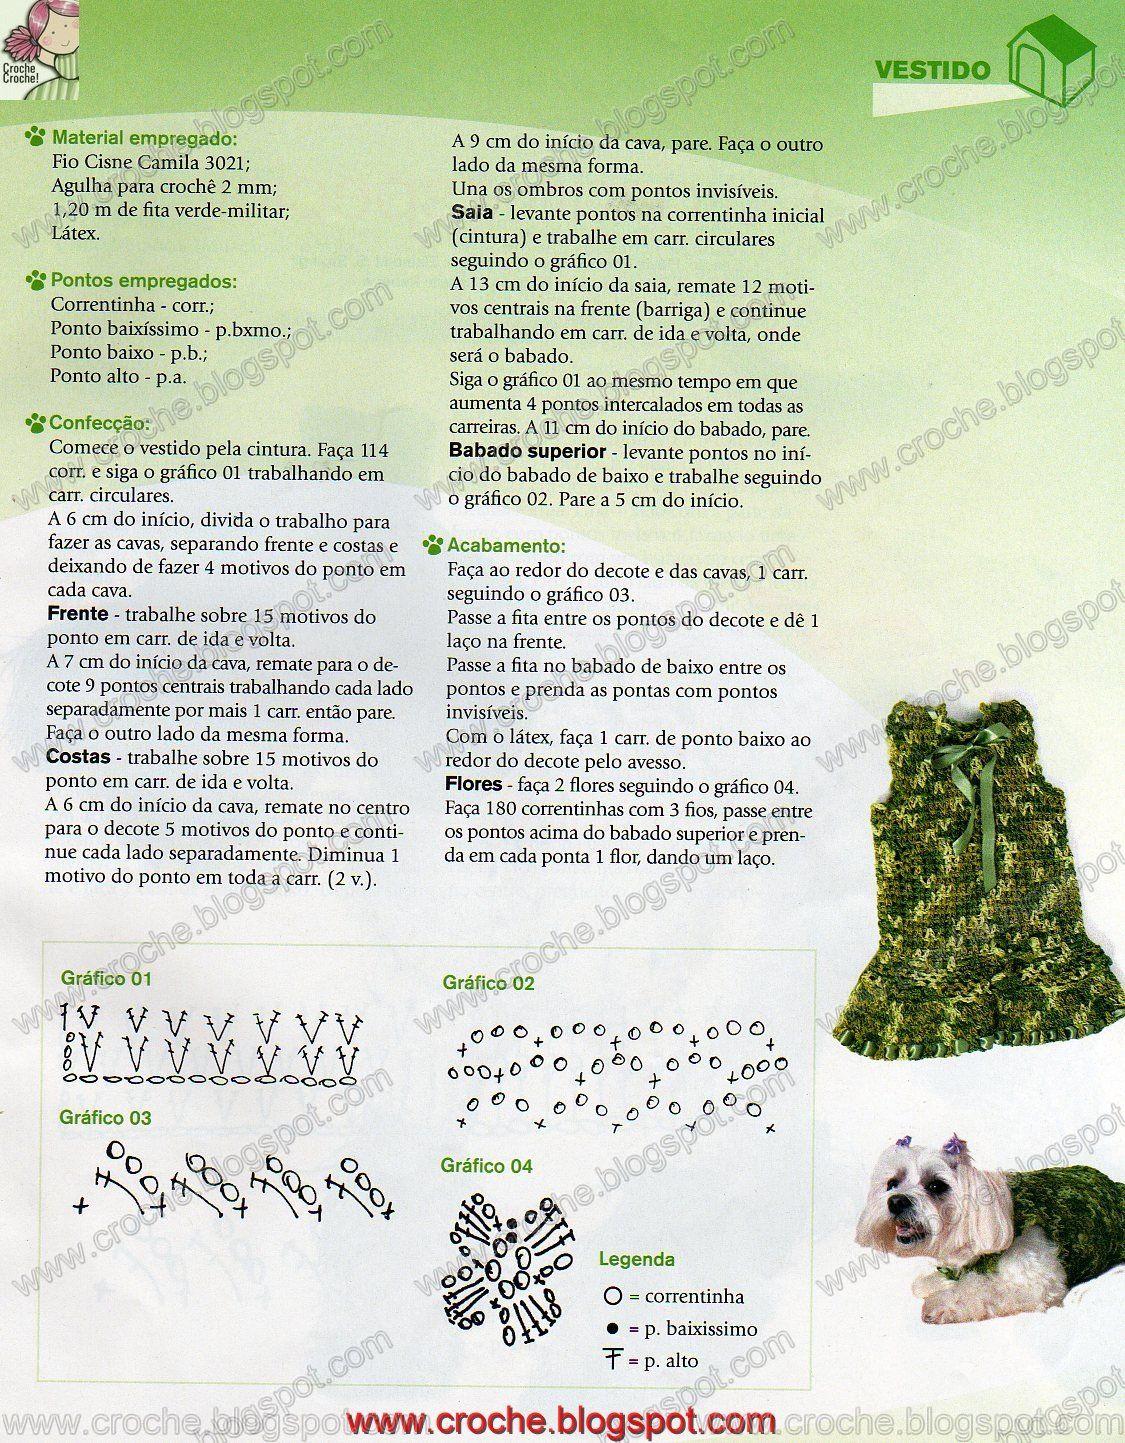 Receitas do Croche Croche!: roupa para cachorro - vestido   roupa ...